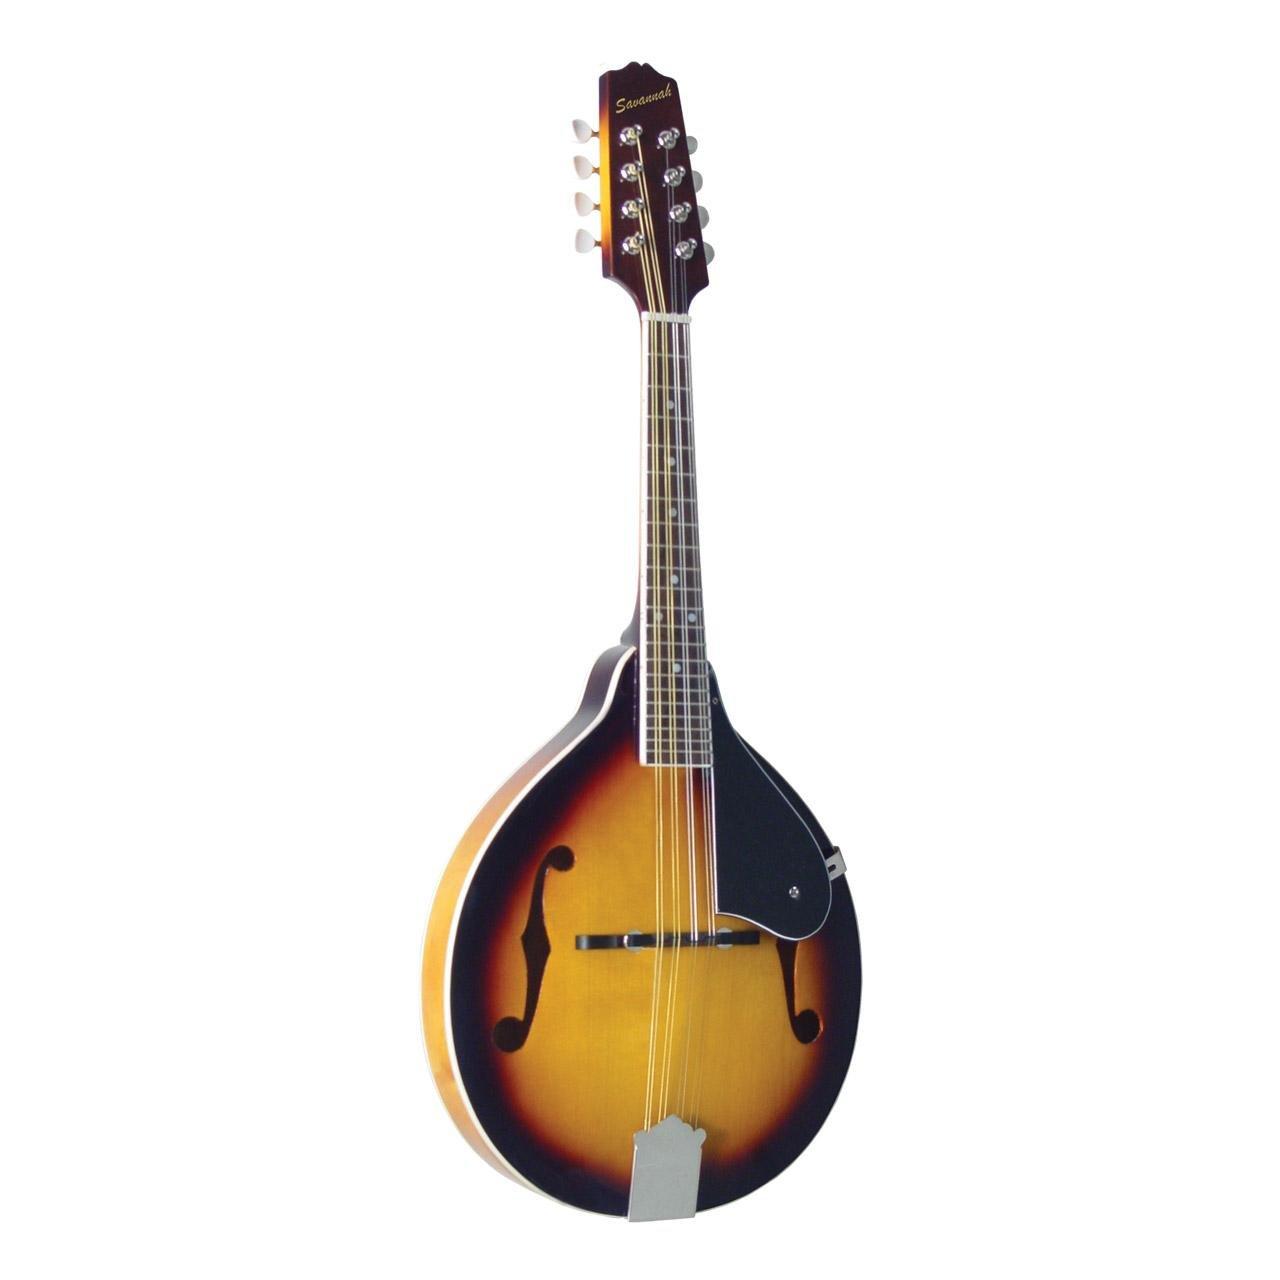 Savannah SA120 A-style Mandolin, Sunburst